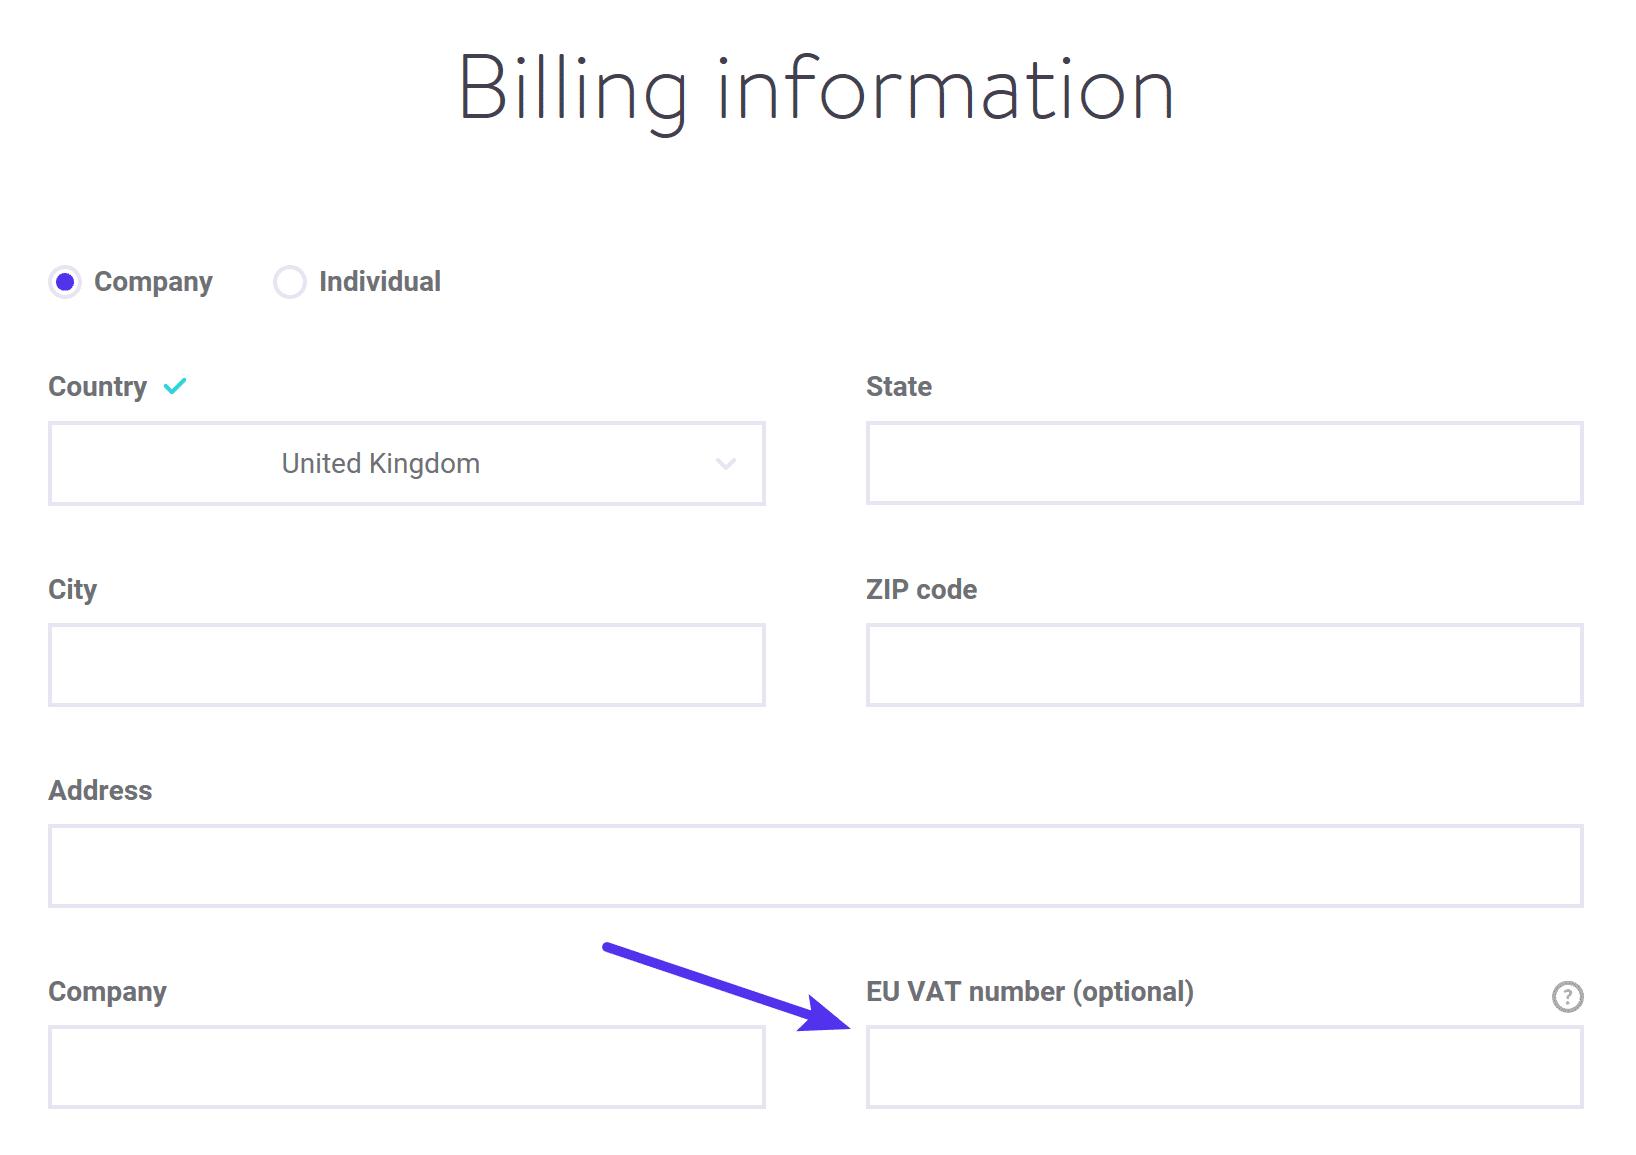 Ingrese su número de IVA al registrarse